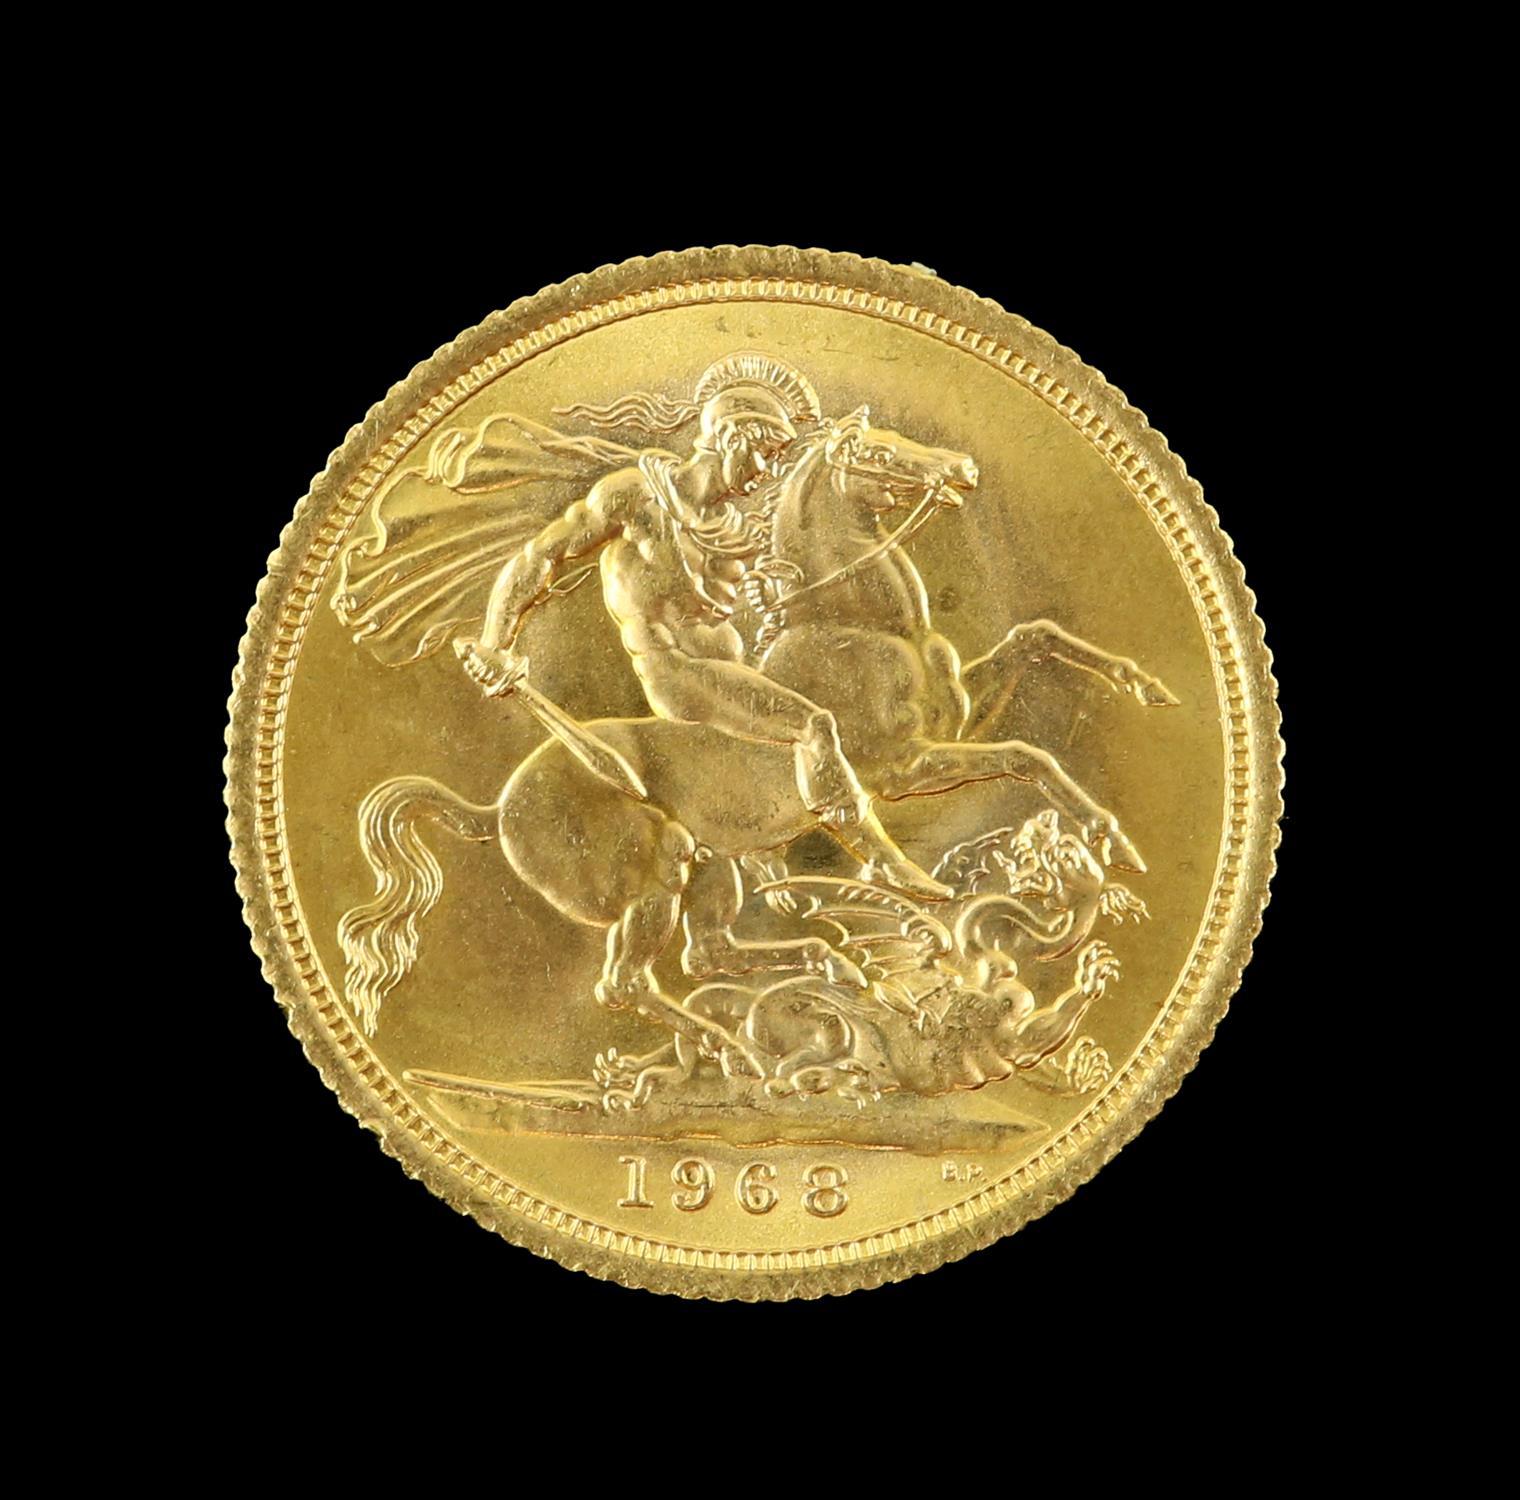 Elizabeth II gold sovereign 1968